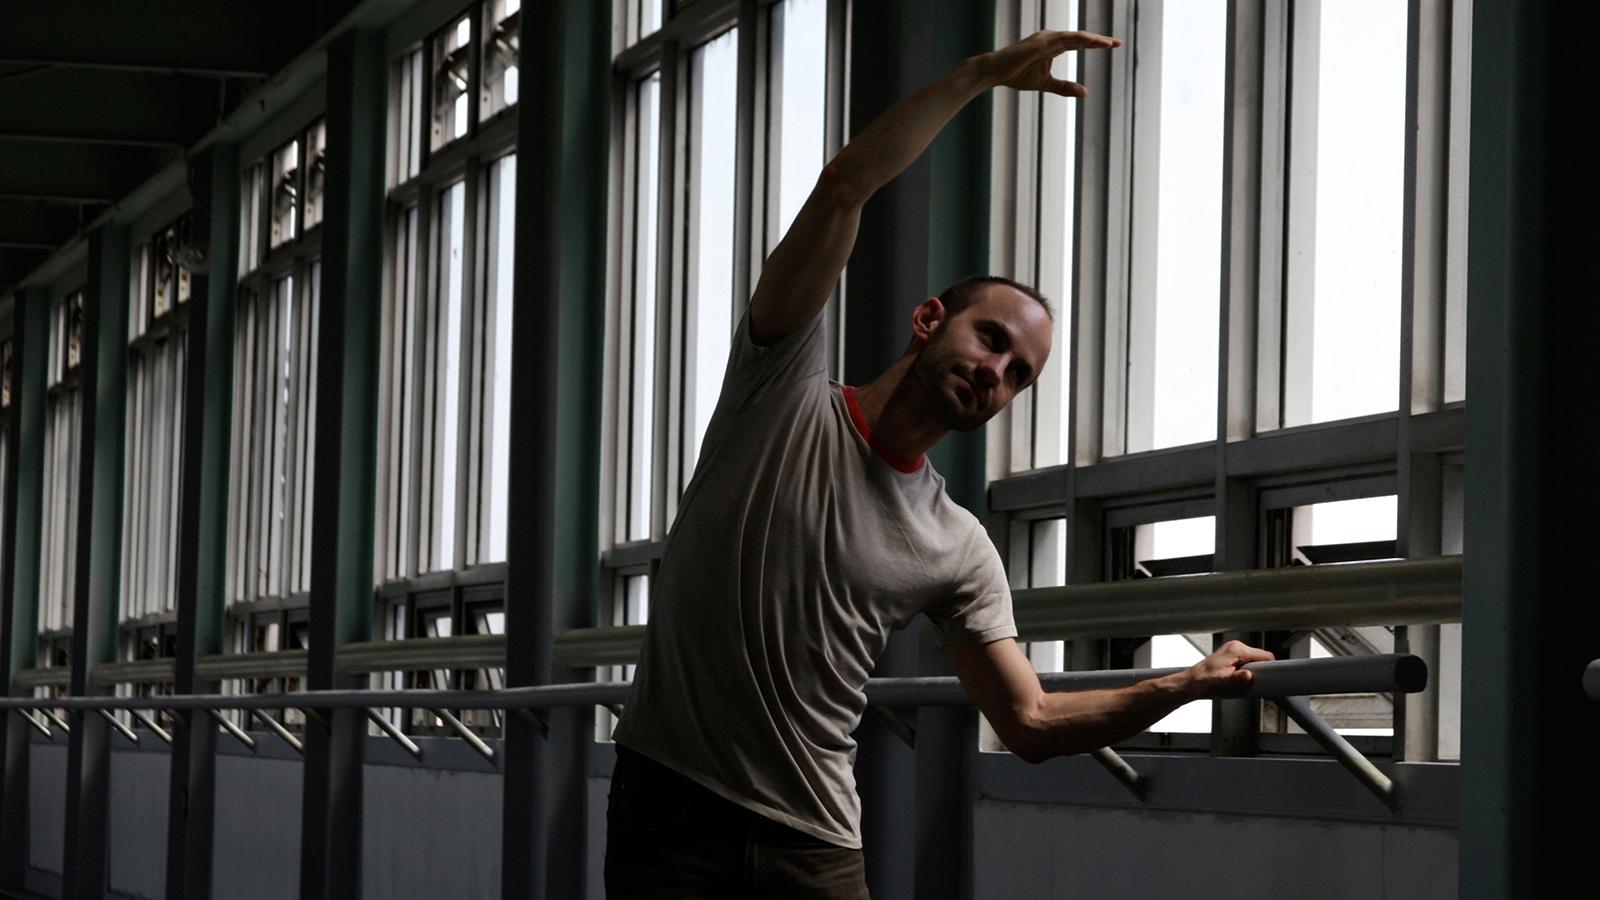 B1r004-ballet-for-boys_tcm32-289280